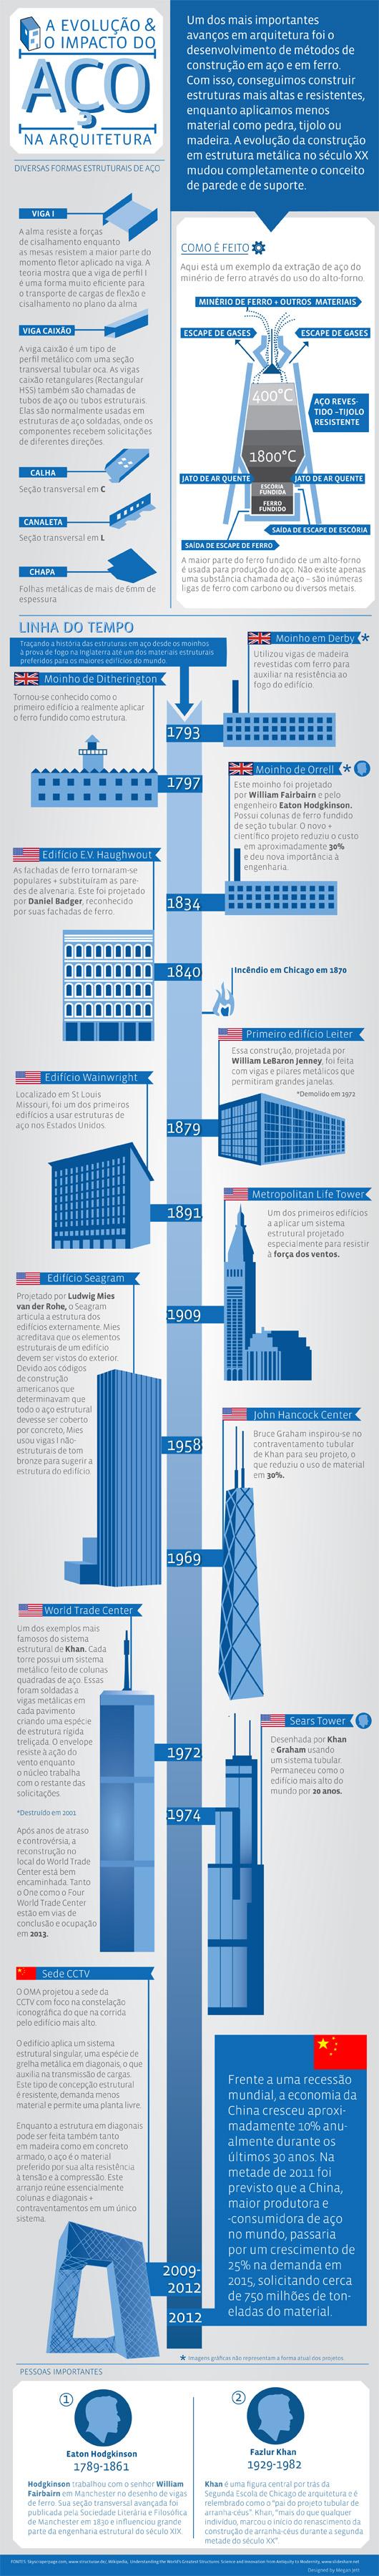 Infográfico: A evolução e o impacto do aço na Arquitetura